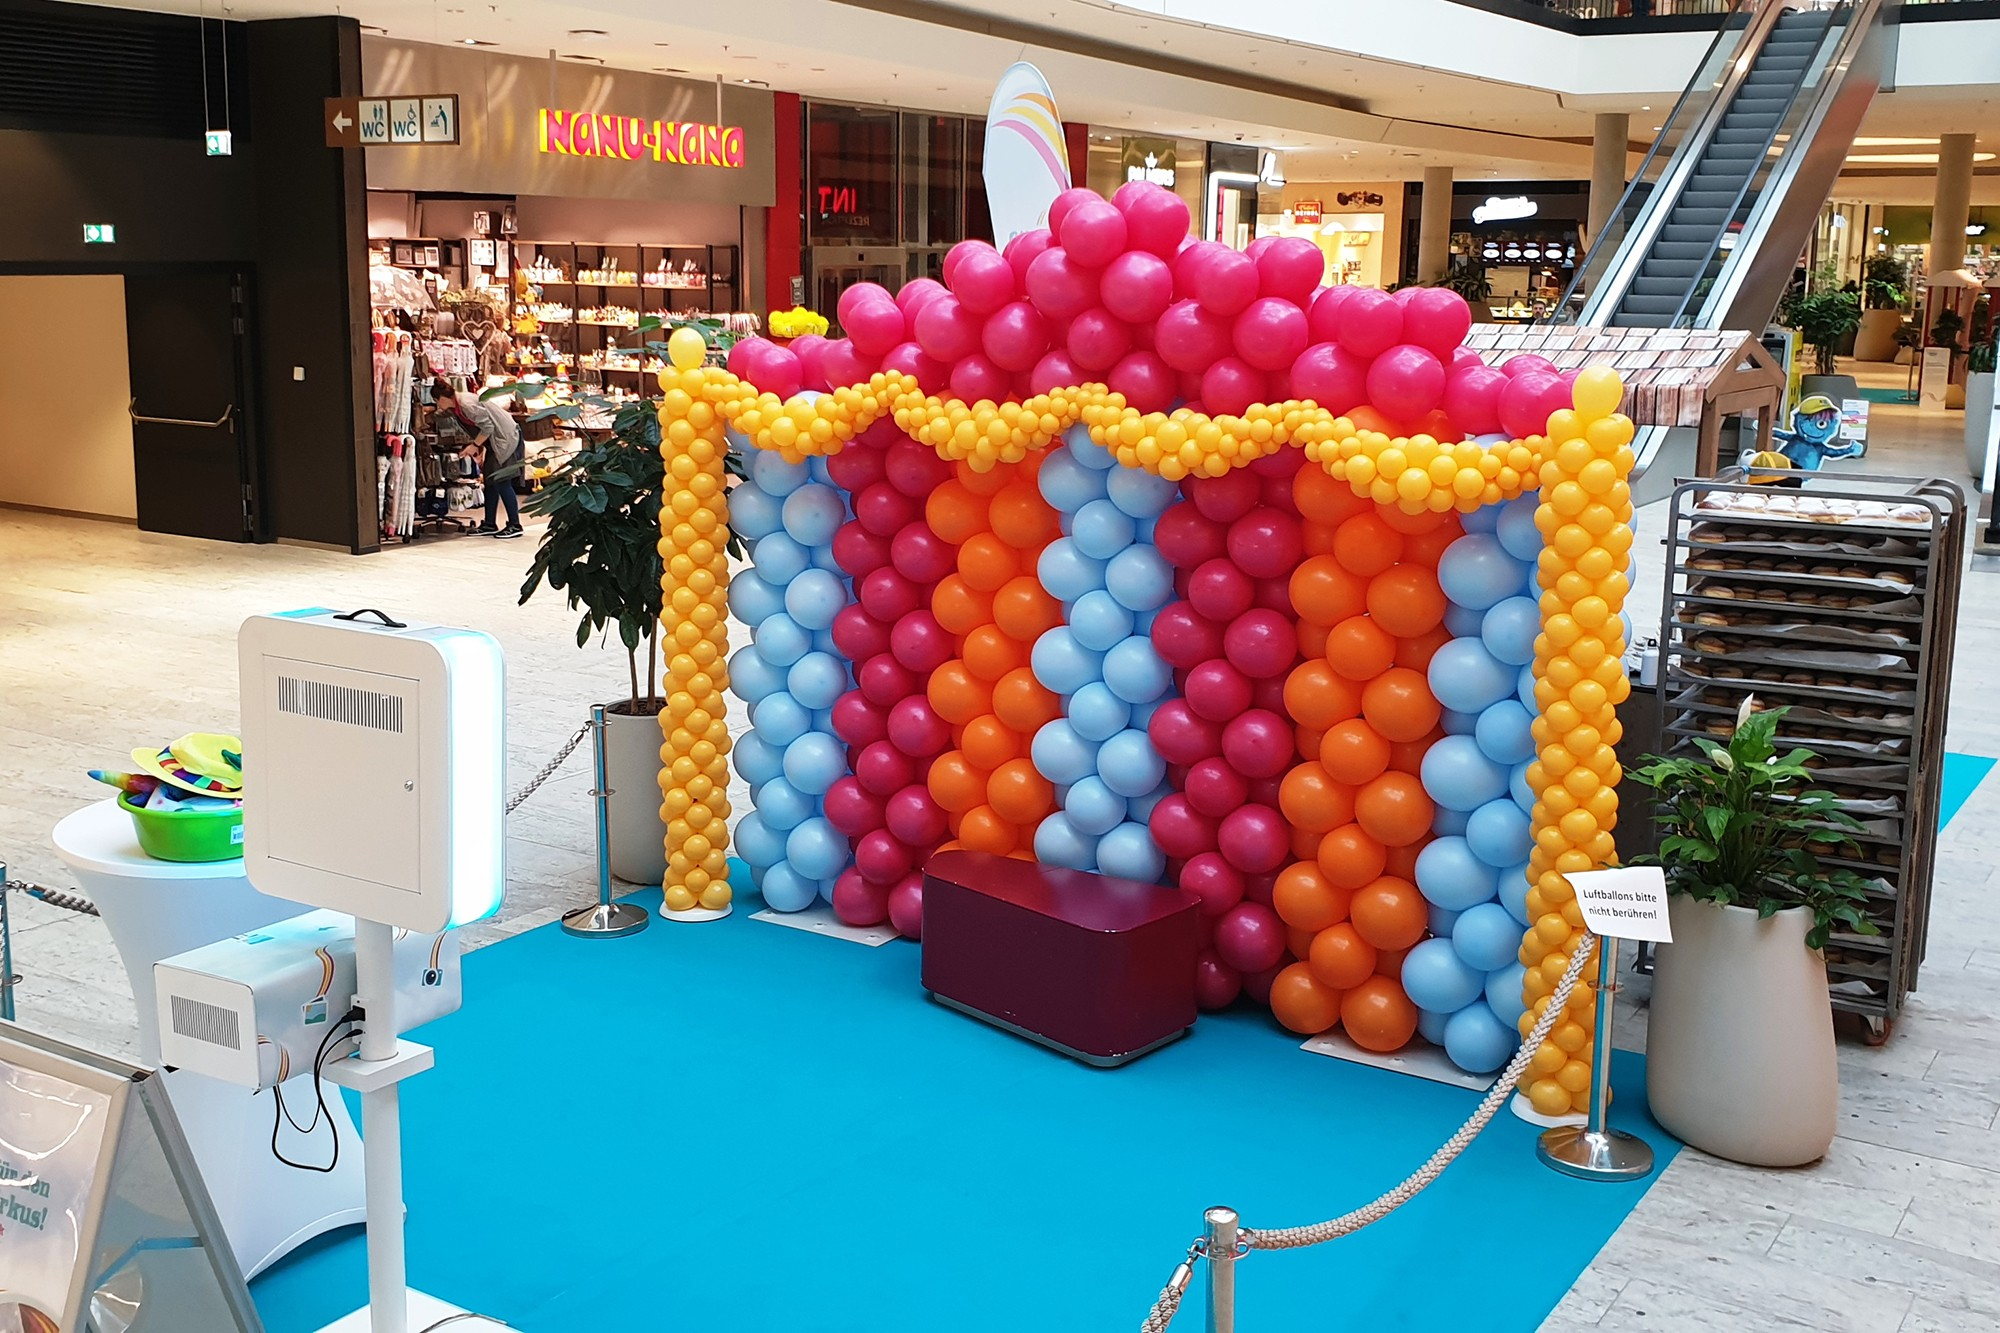 Ballonskulptur für Fotobox im EKZ Huma11 in Wien